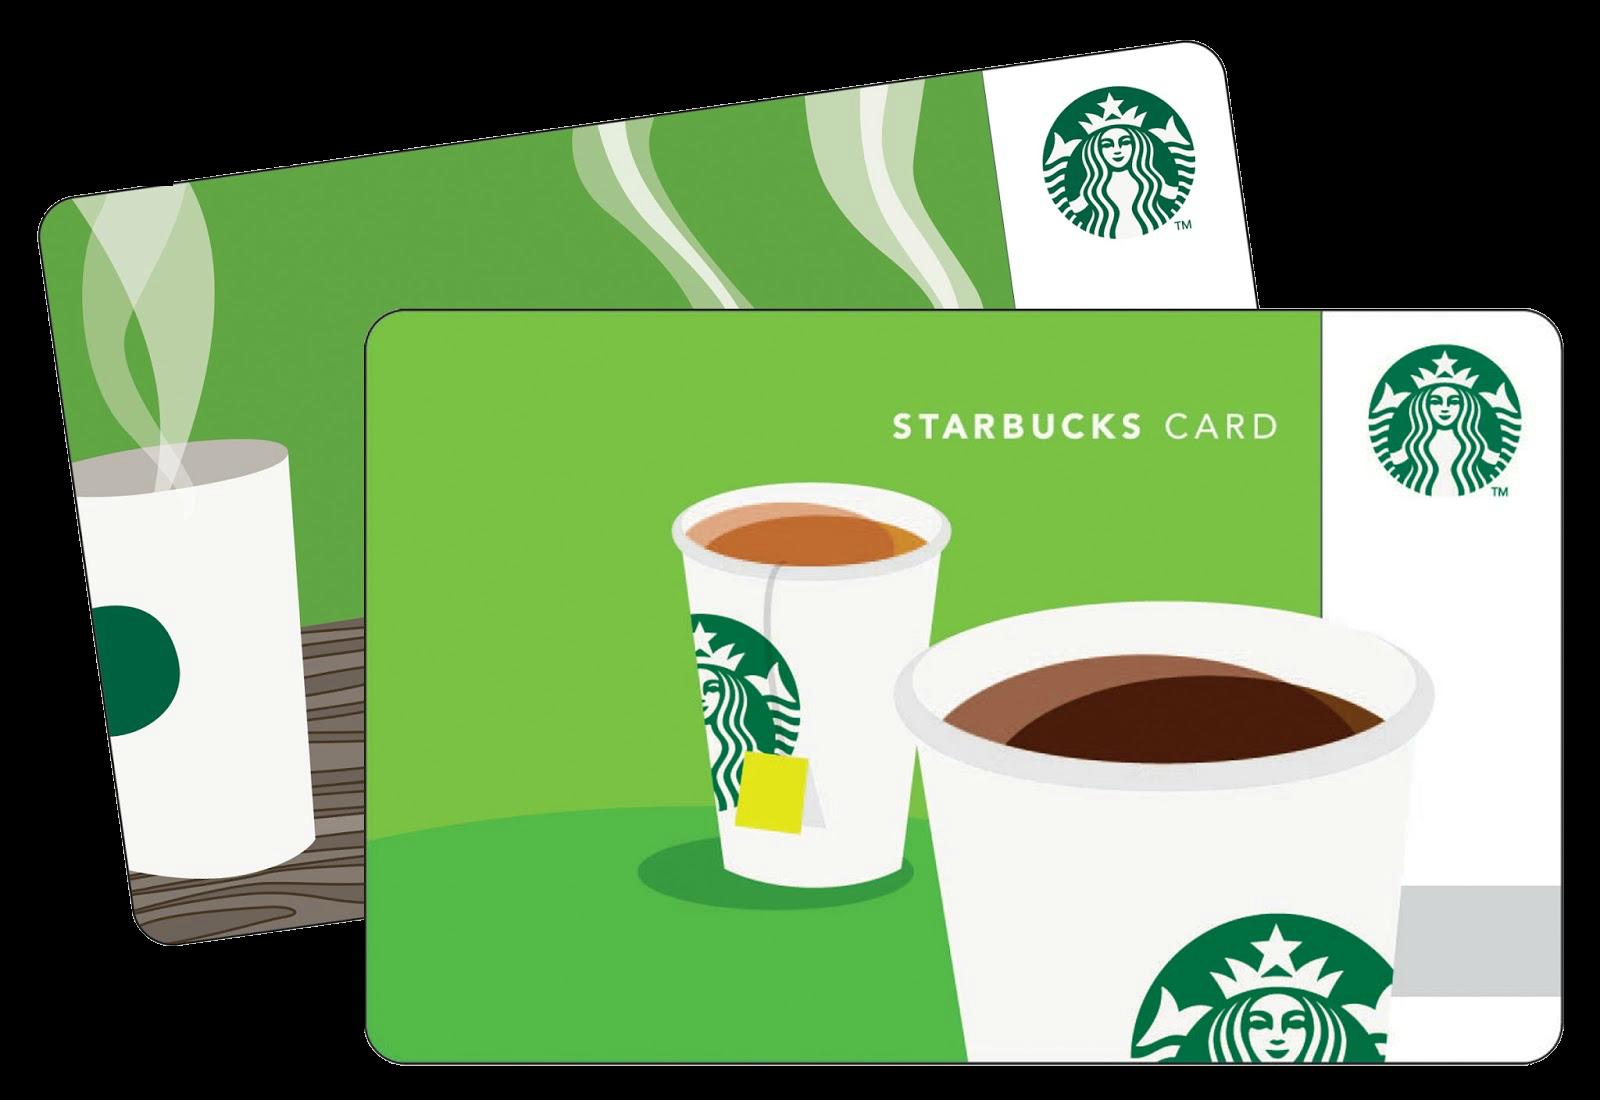 Starbucks Gift Card Free Starbucks Gift Card Starbucks Card Starbucks Gift Card